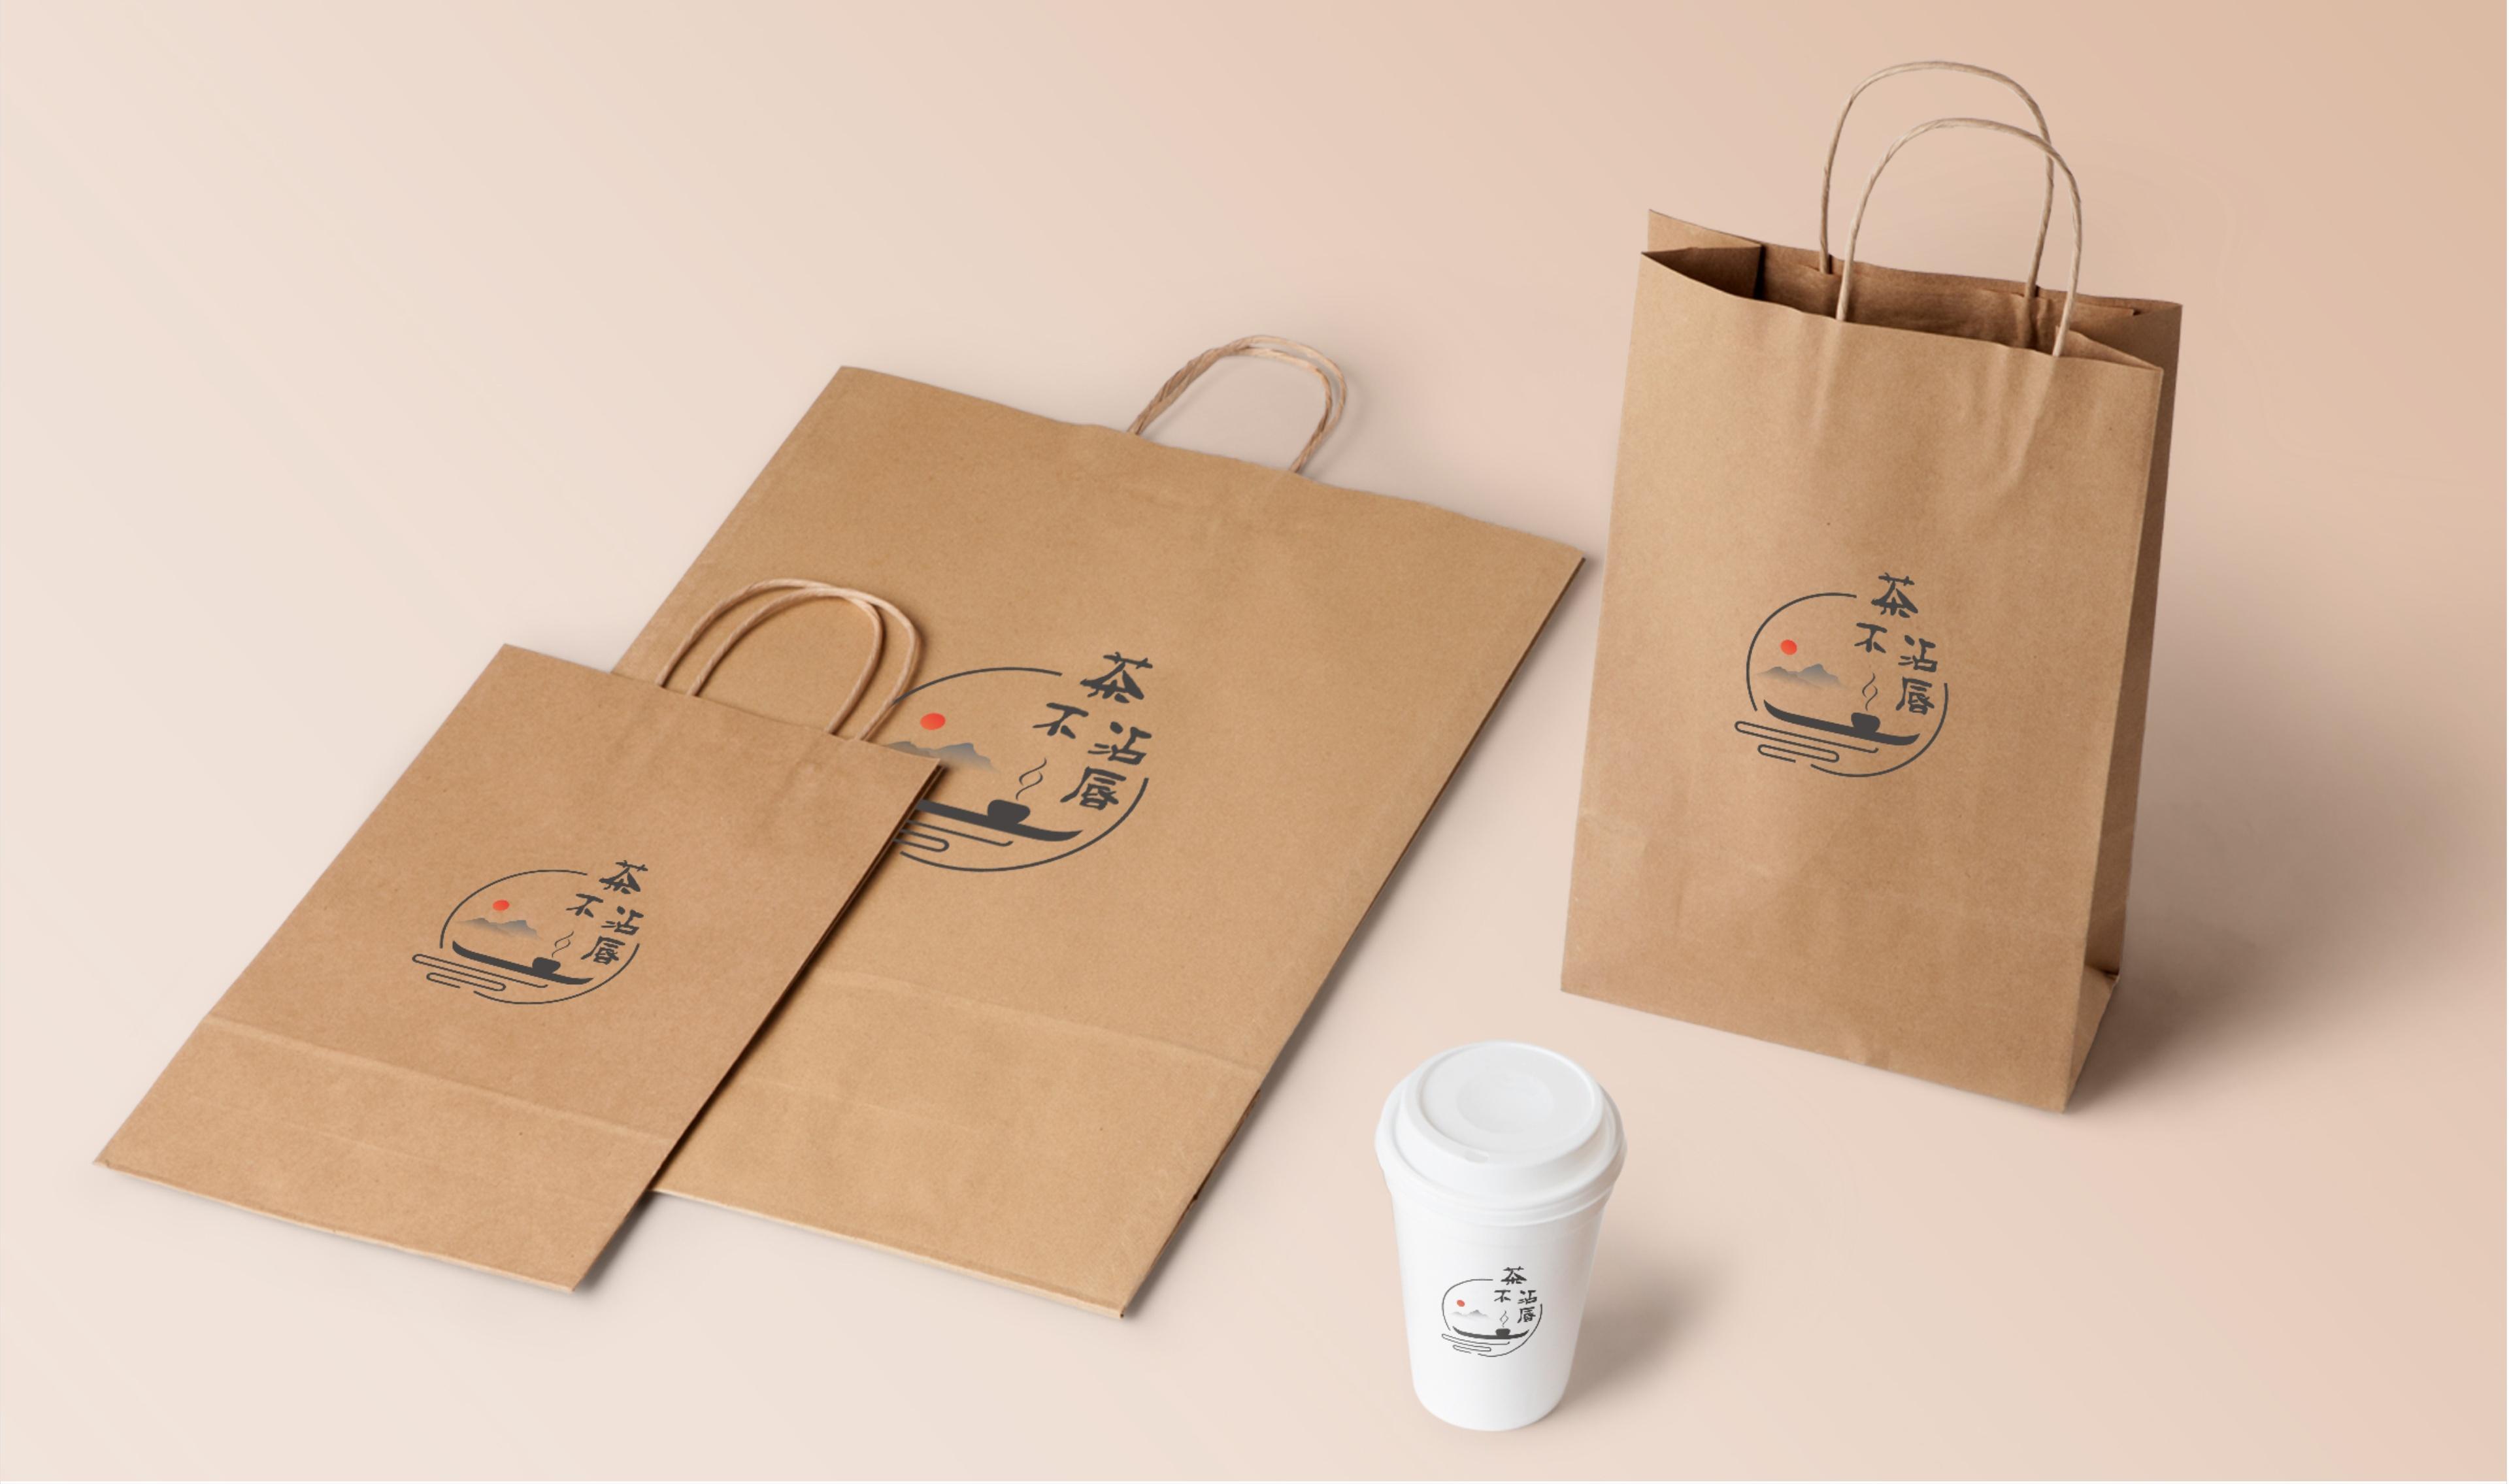 土特产包装设计食品饮料包装设计包装盒包装袋设计手提袋礼盒包装